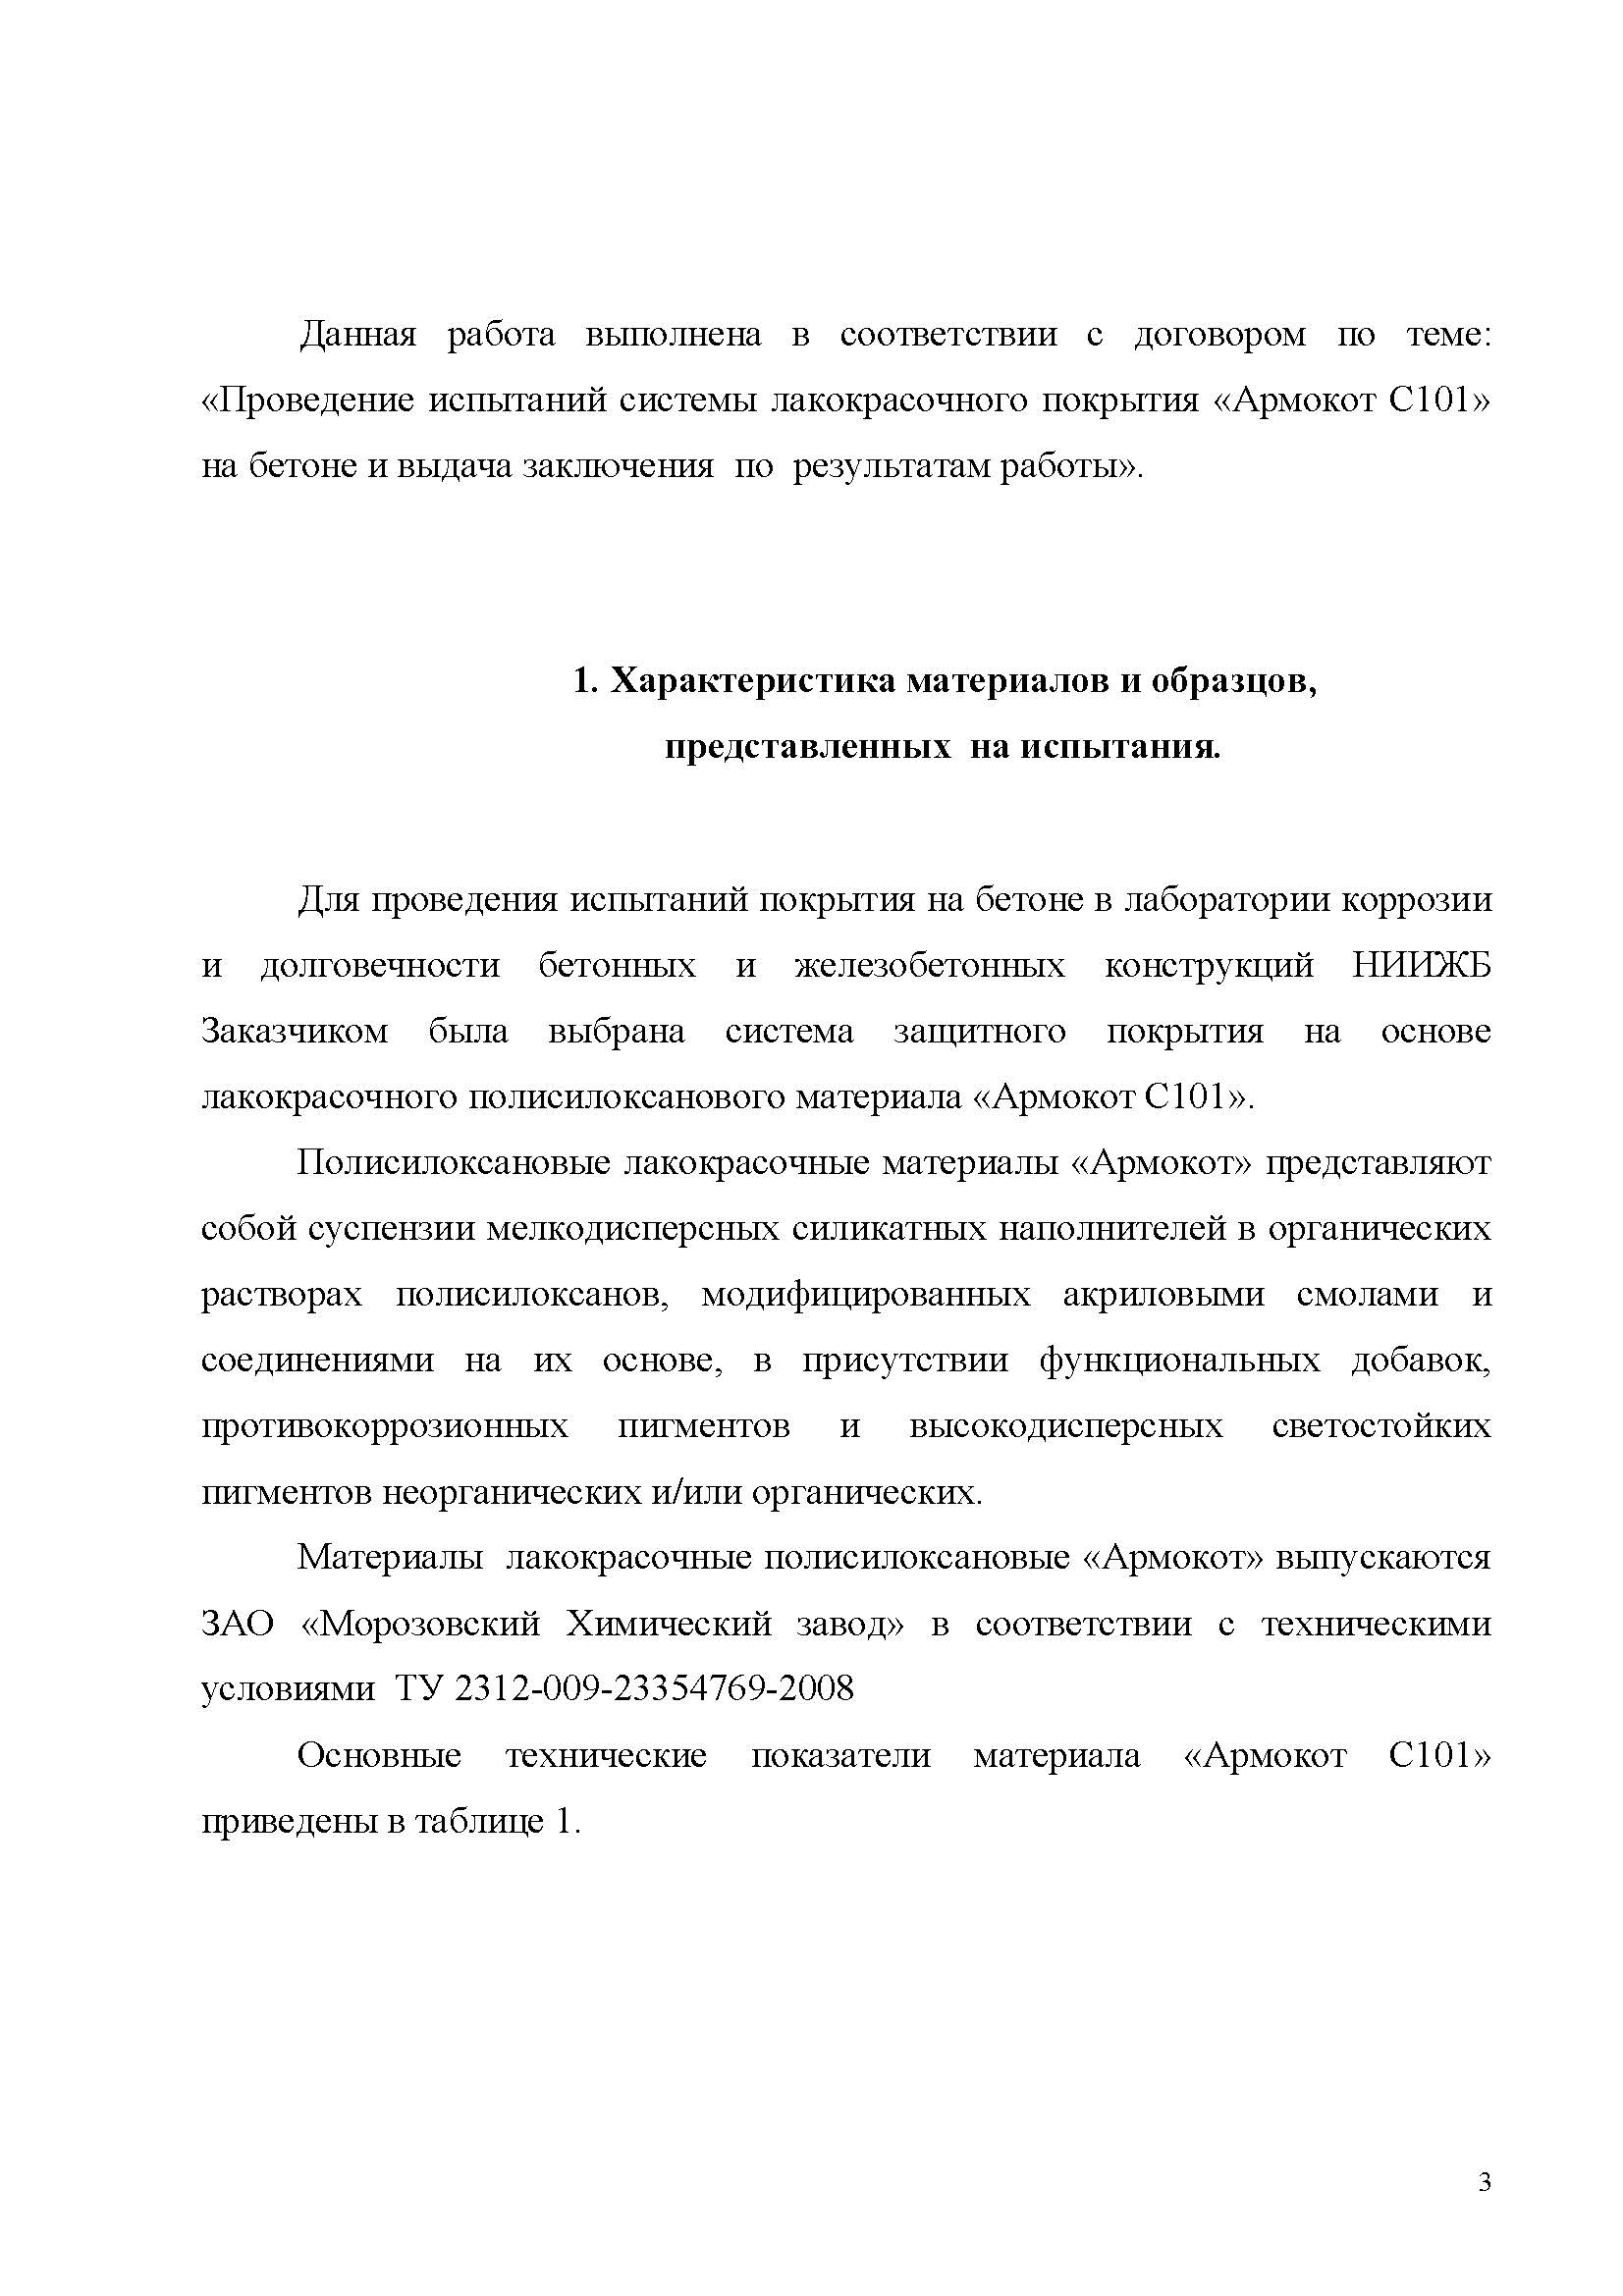 Заключение Морозов-КТБ Армокот С101_Страница_03